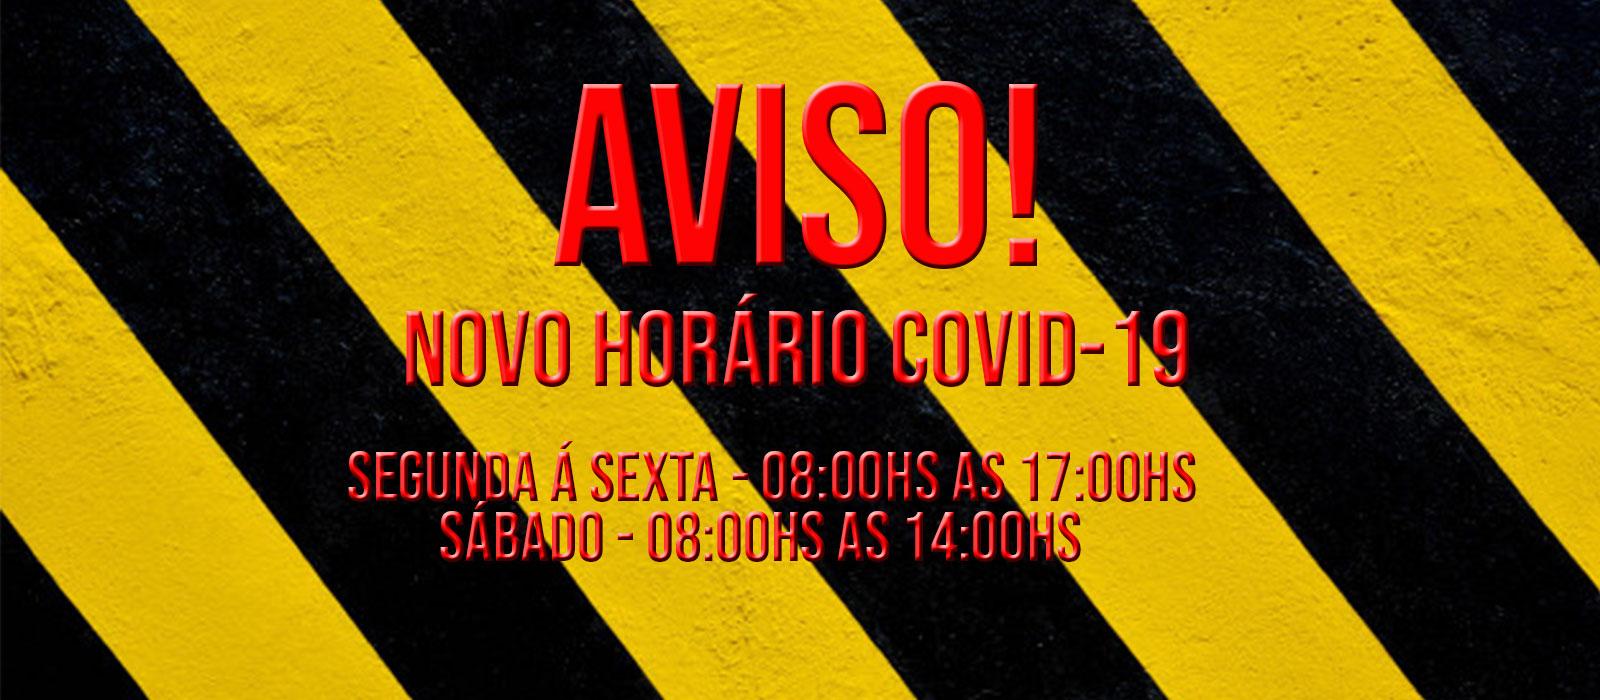 Novo horário covid-19